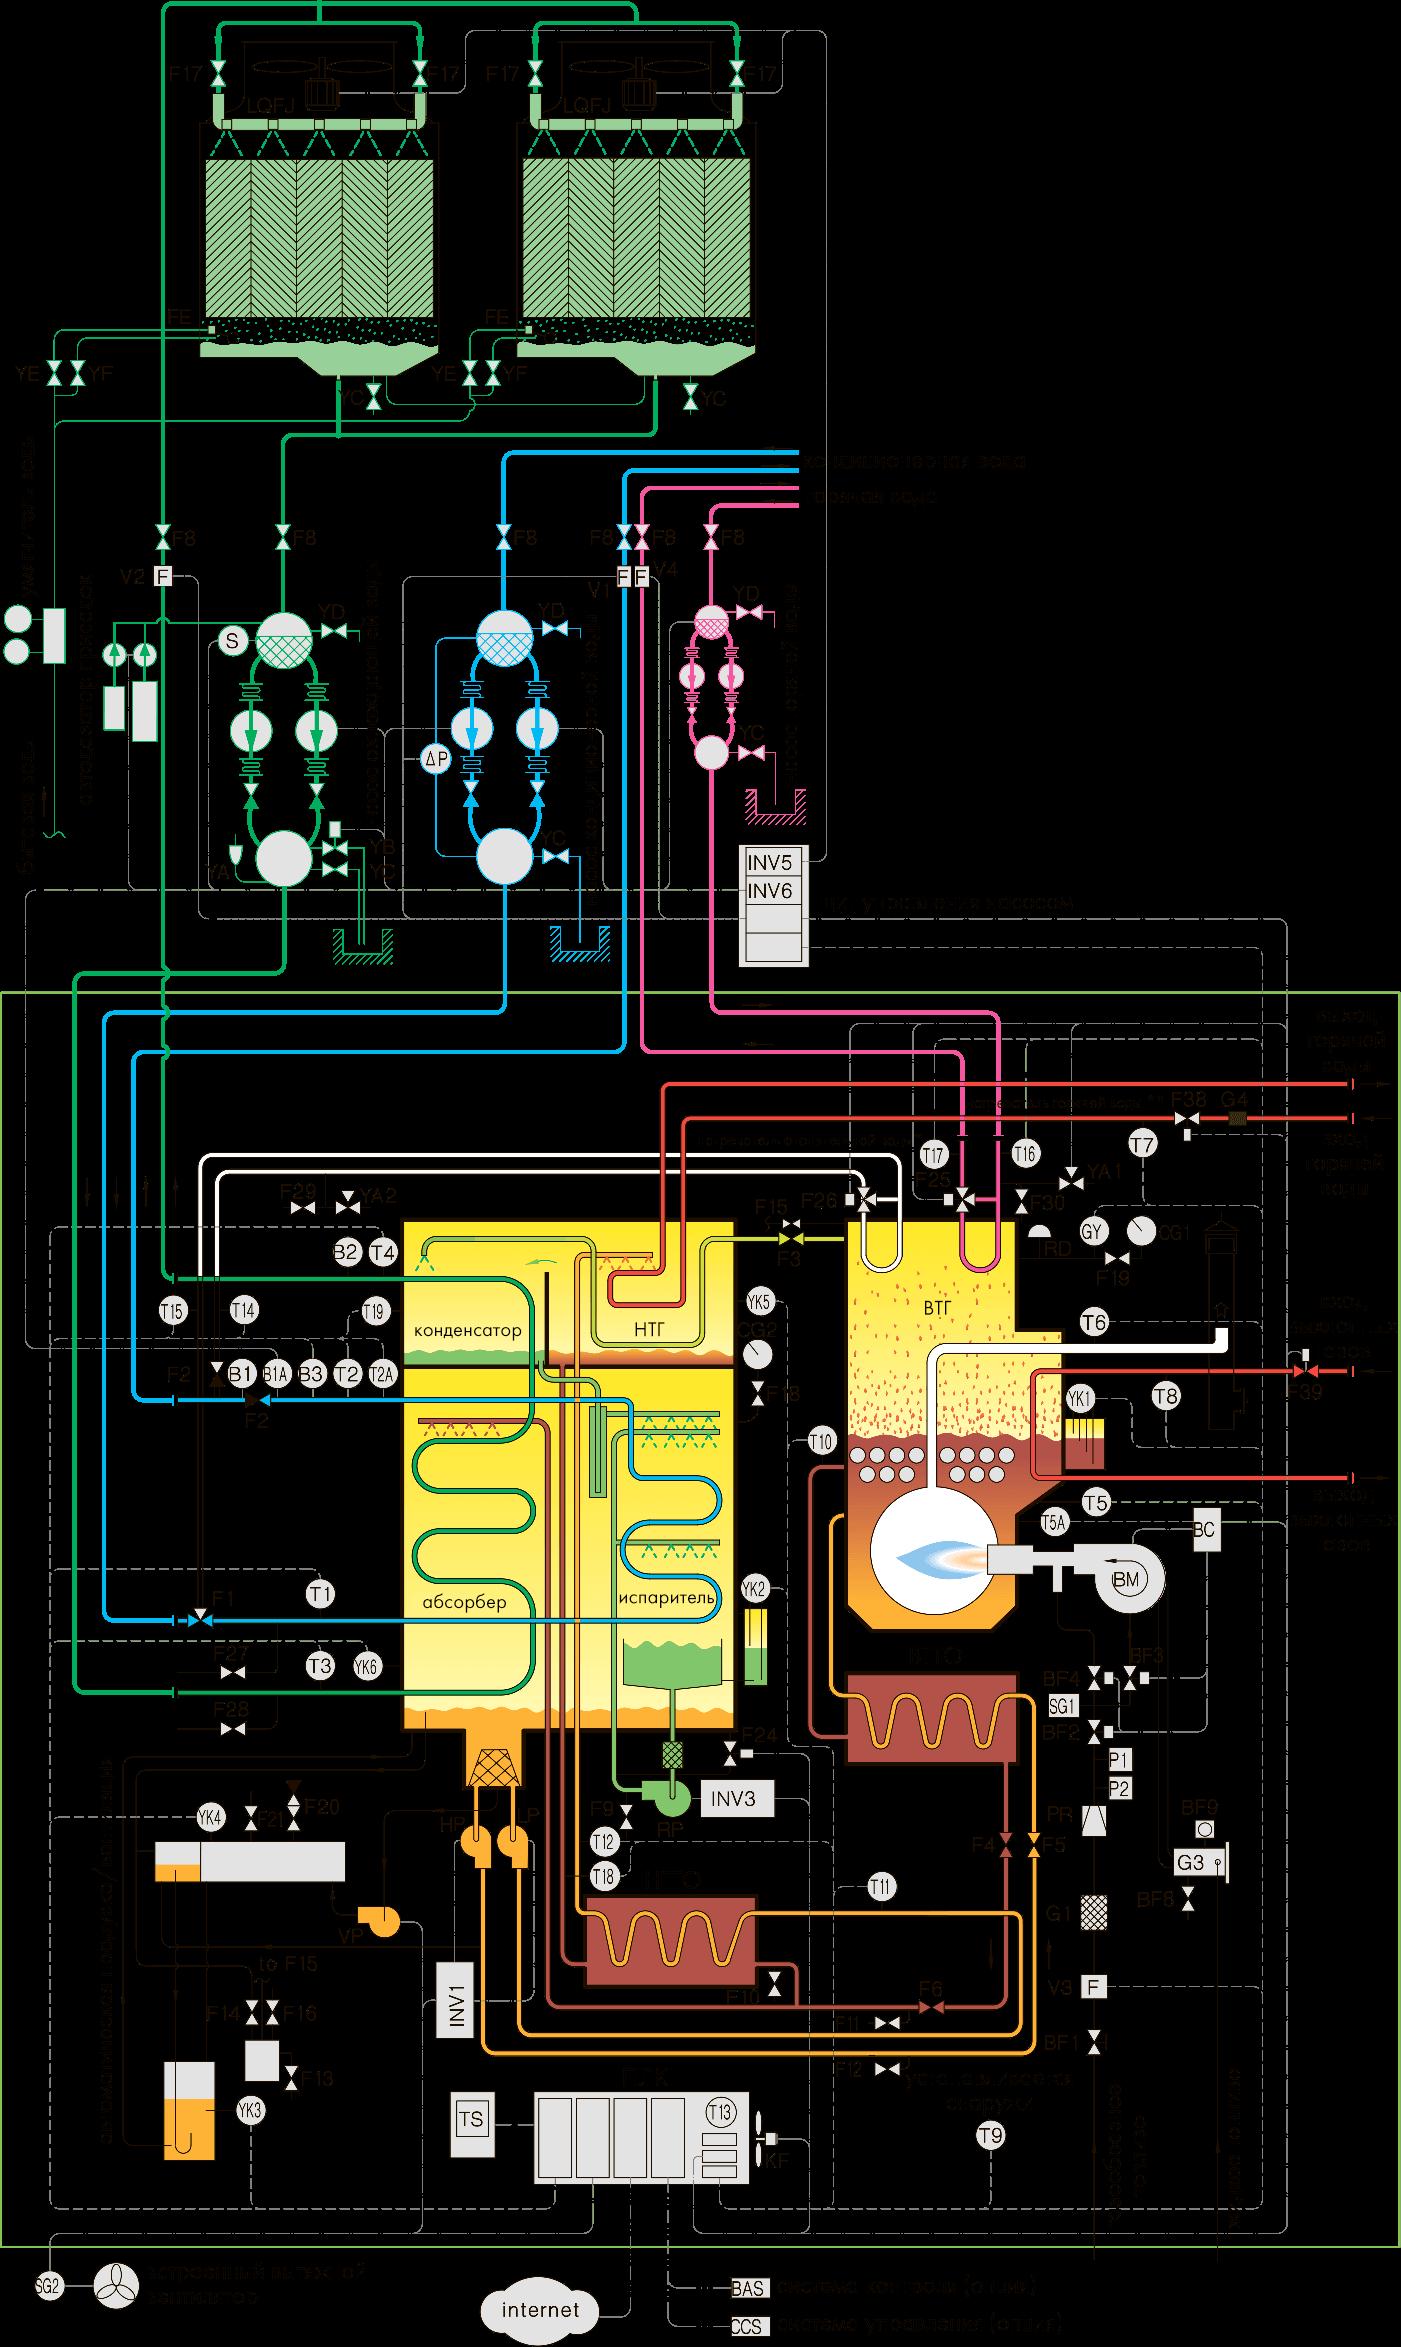 схема абхм broad с комбинированным источником тепла